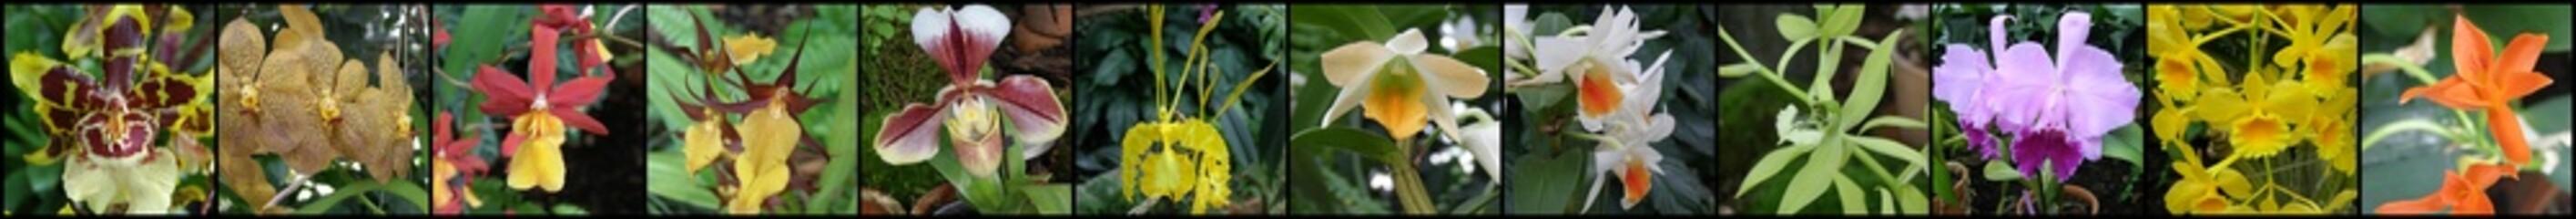 Fototapeta Orchidee i storczyki obraz